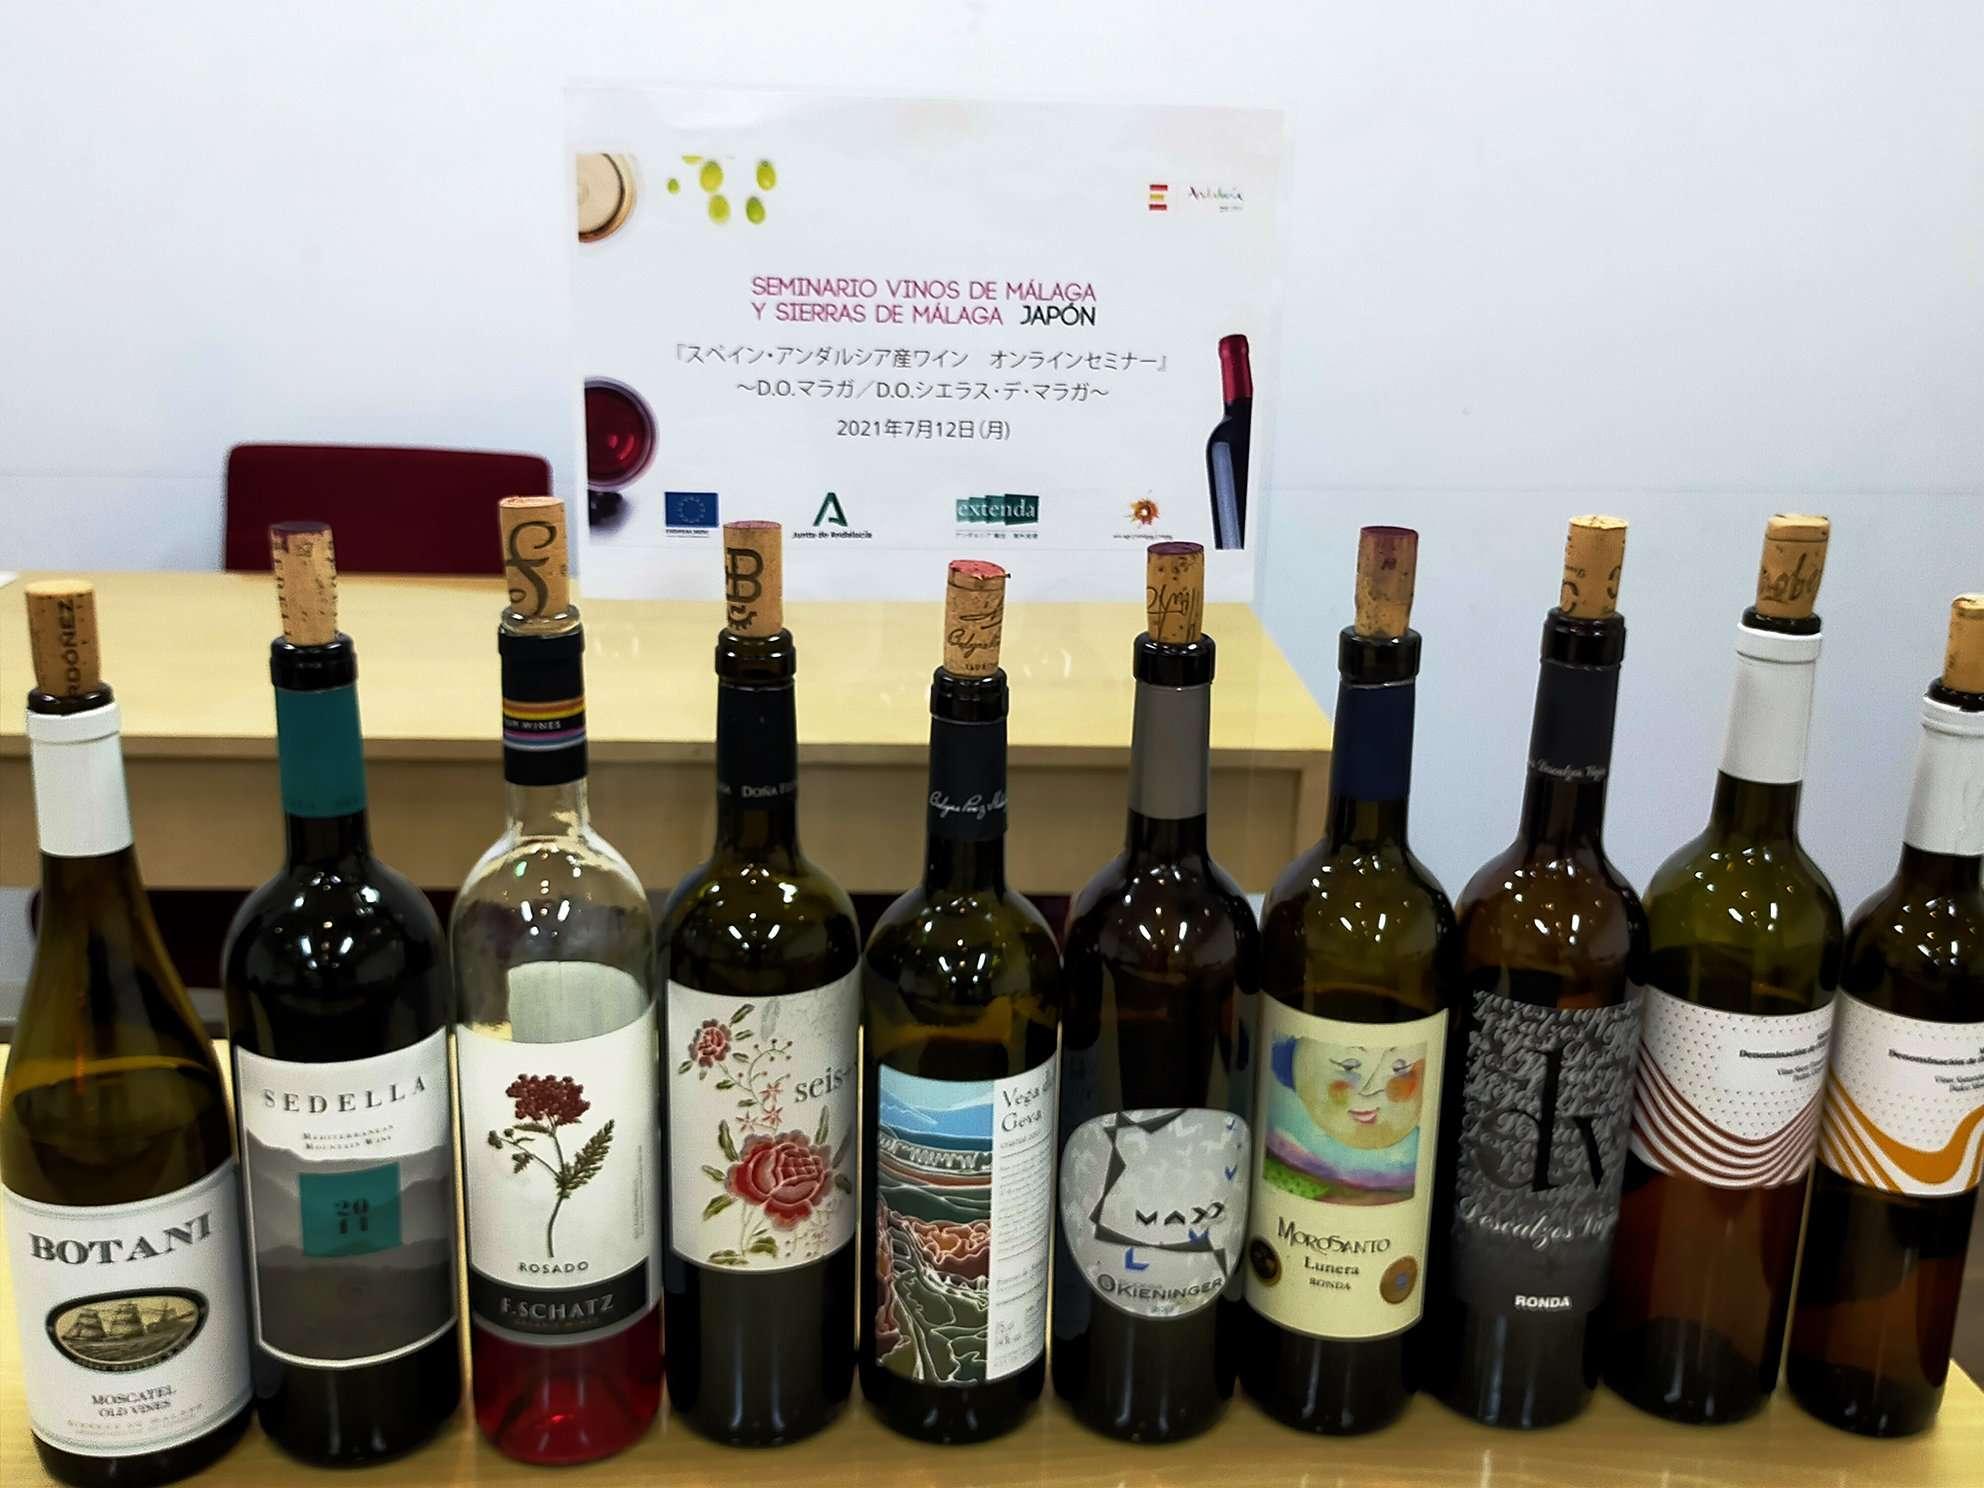 La eliminación de aranceles derivada del Acuerdo de Libre Comercio entre la UE y Japón ha elevado la competitividad de los vinos europeos en el destino nipón, que reconoce las D.O.P europeas.